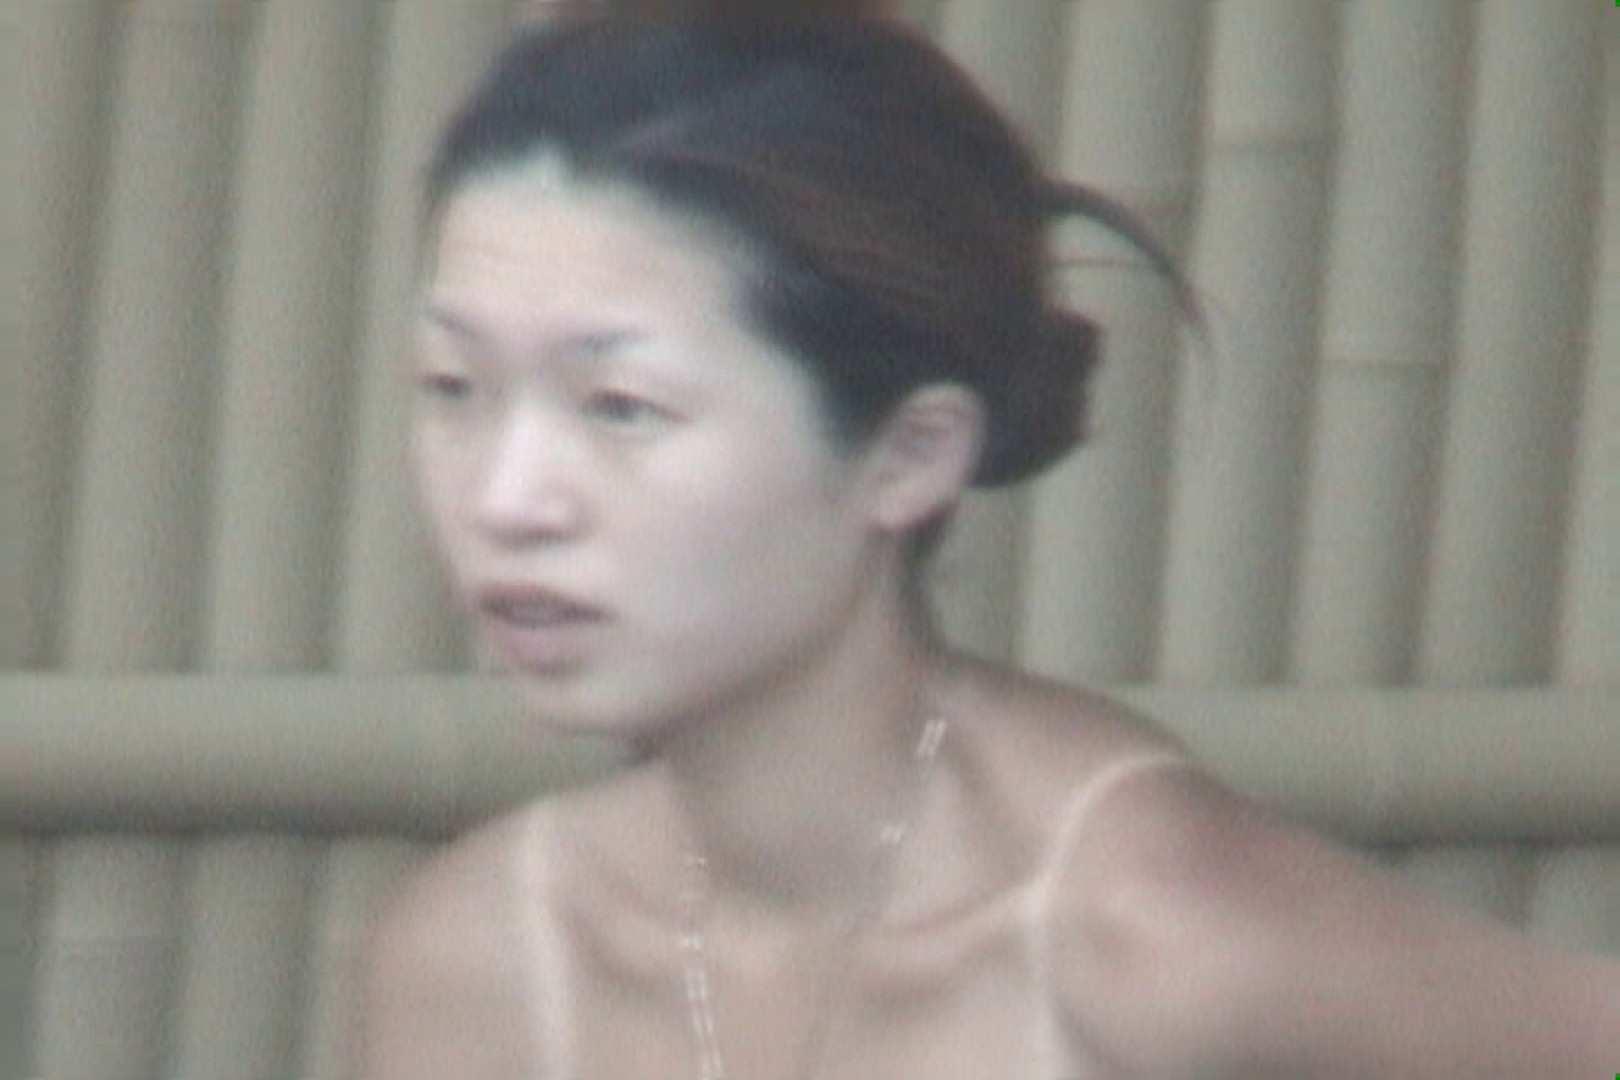 Aquaな露天風呂Vol.571 美しいOLの裸体  99pic 87